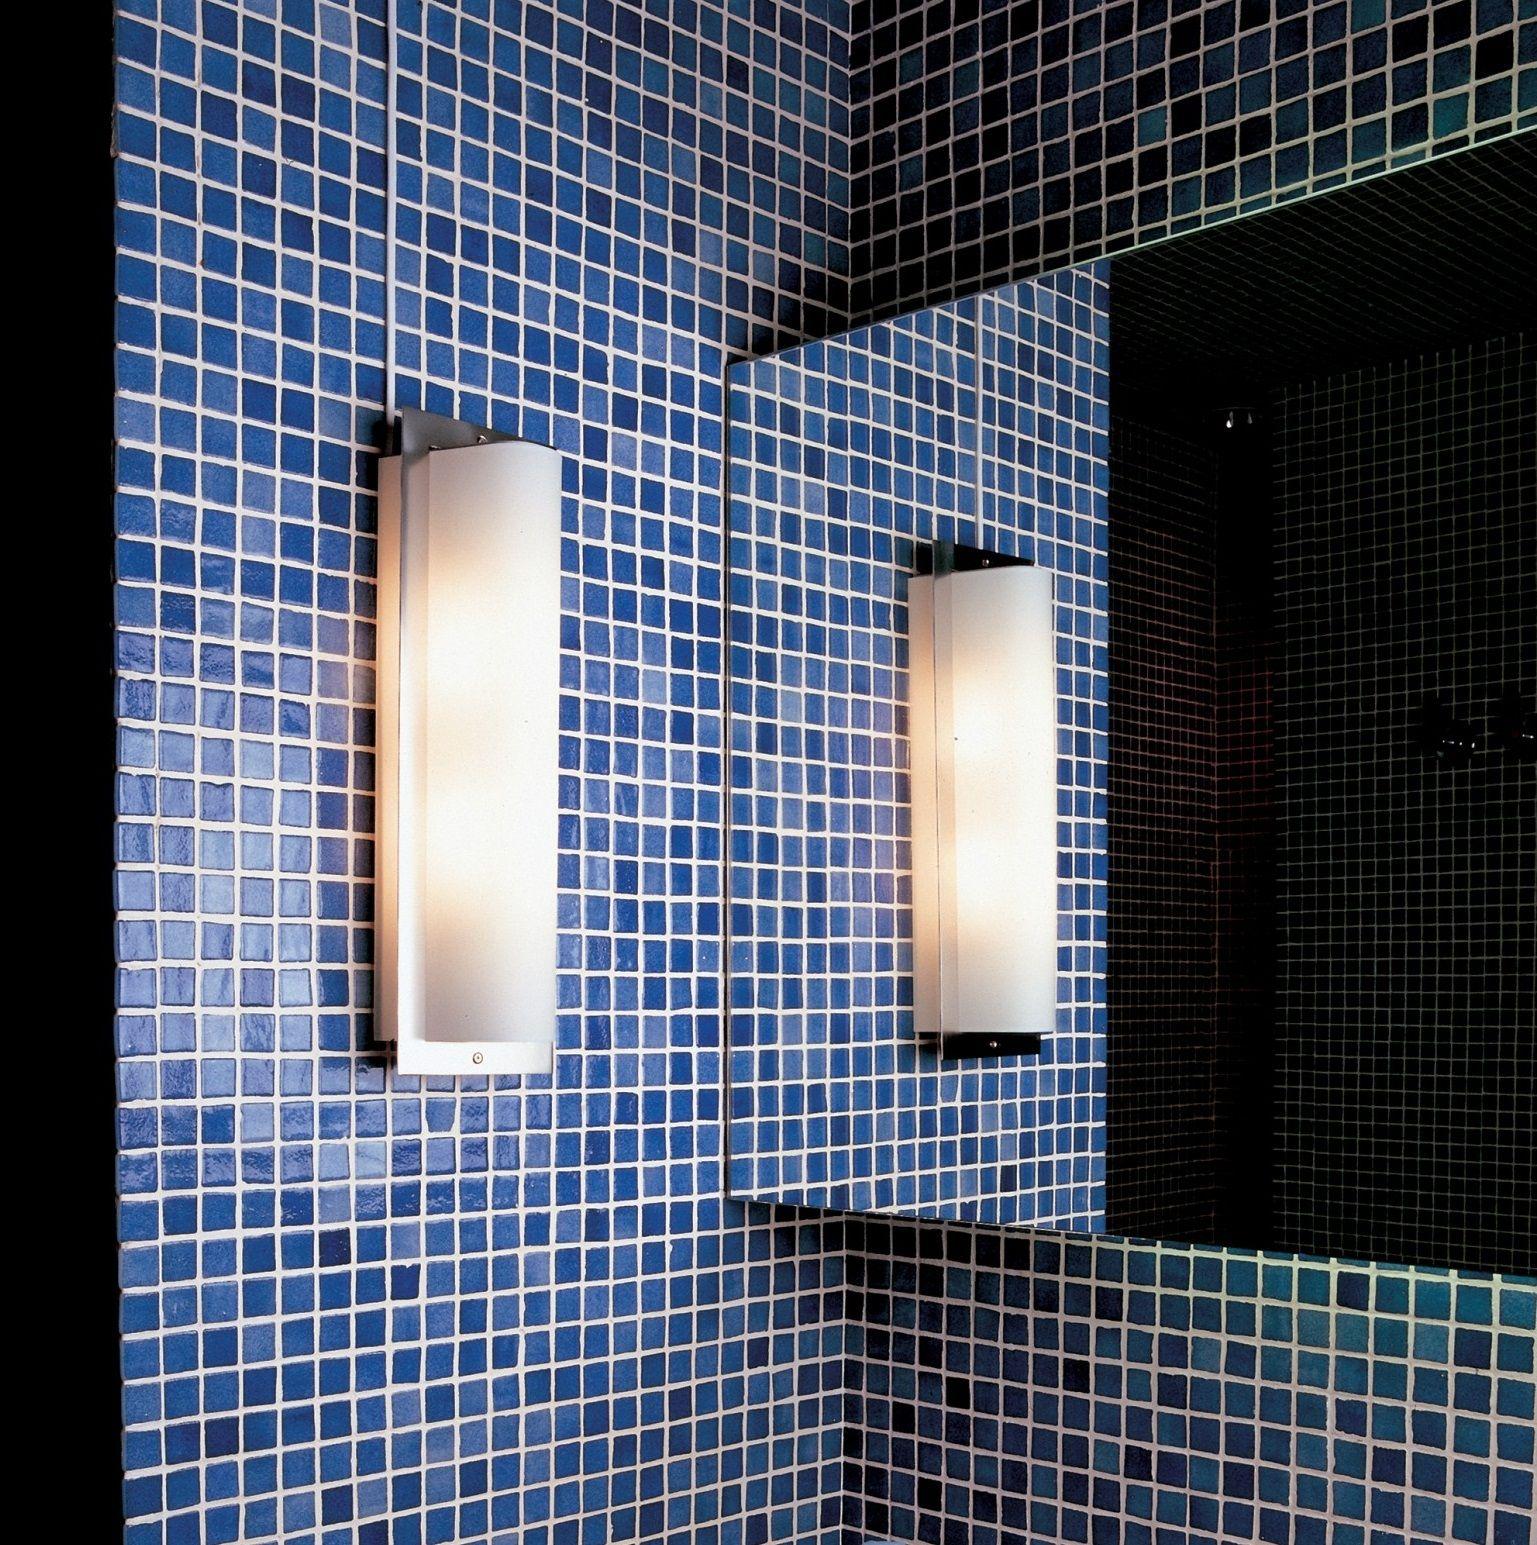 Résultat Supérieur 50 Beau Applique Murale Salle De Bain Design